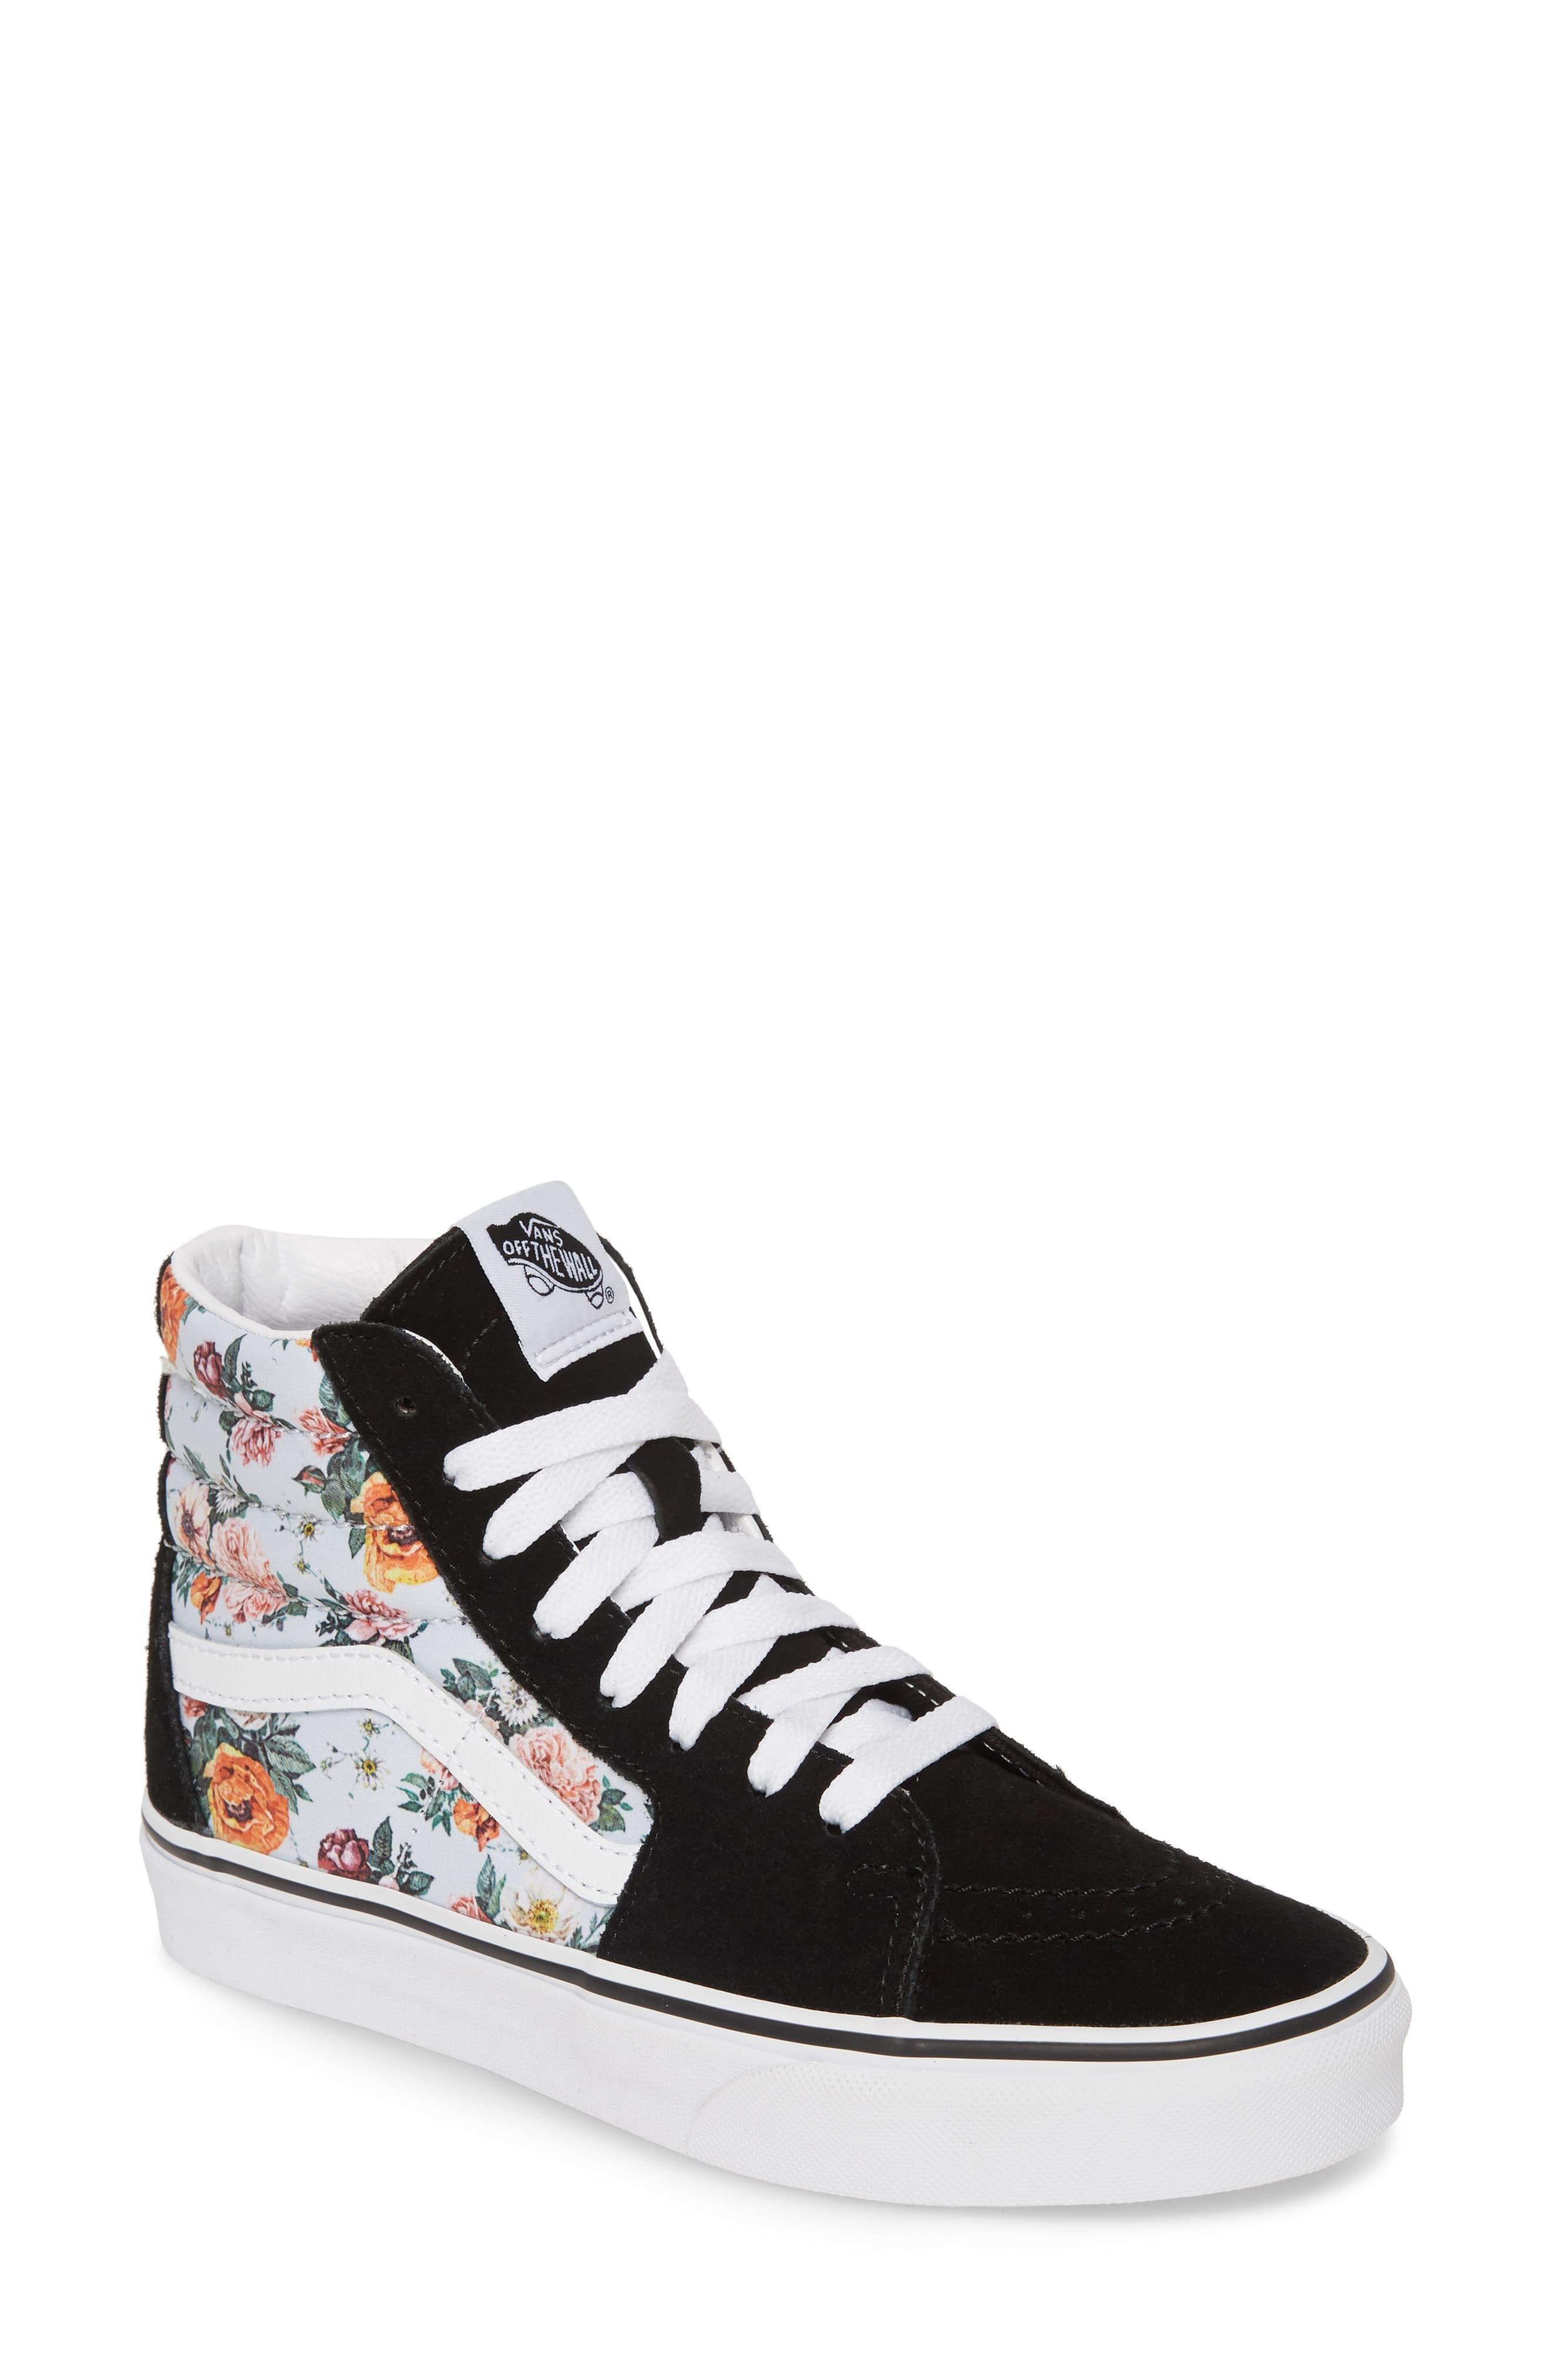 Vans Sk8 Hi Checker Floral High Top